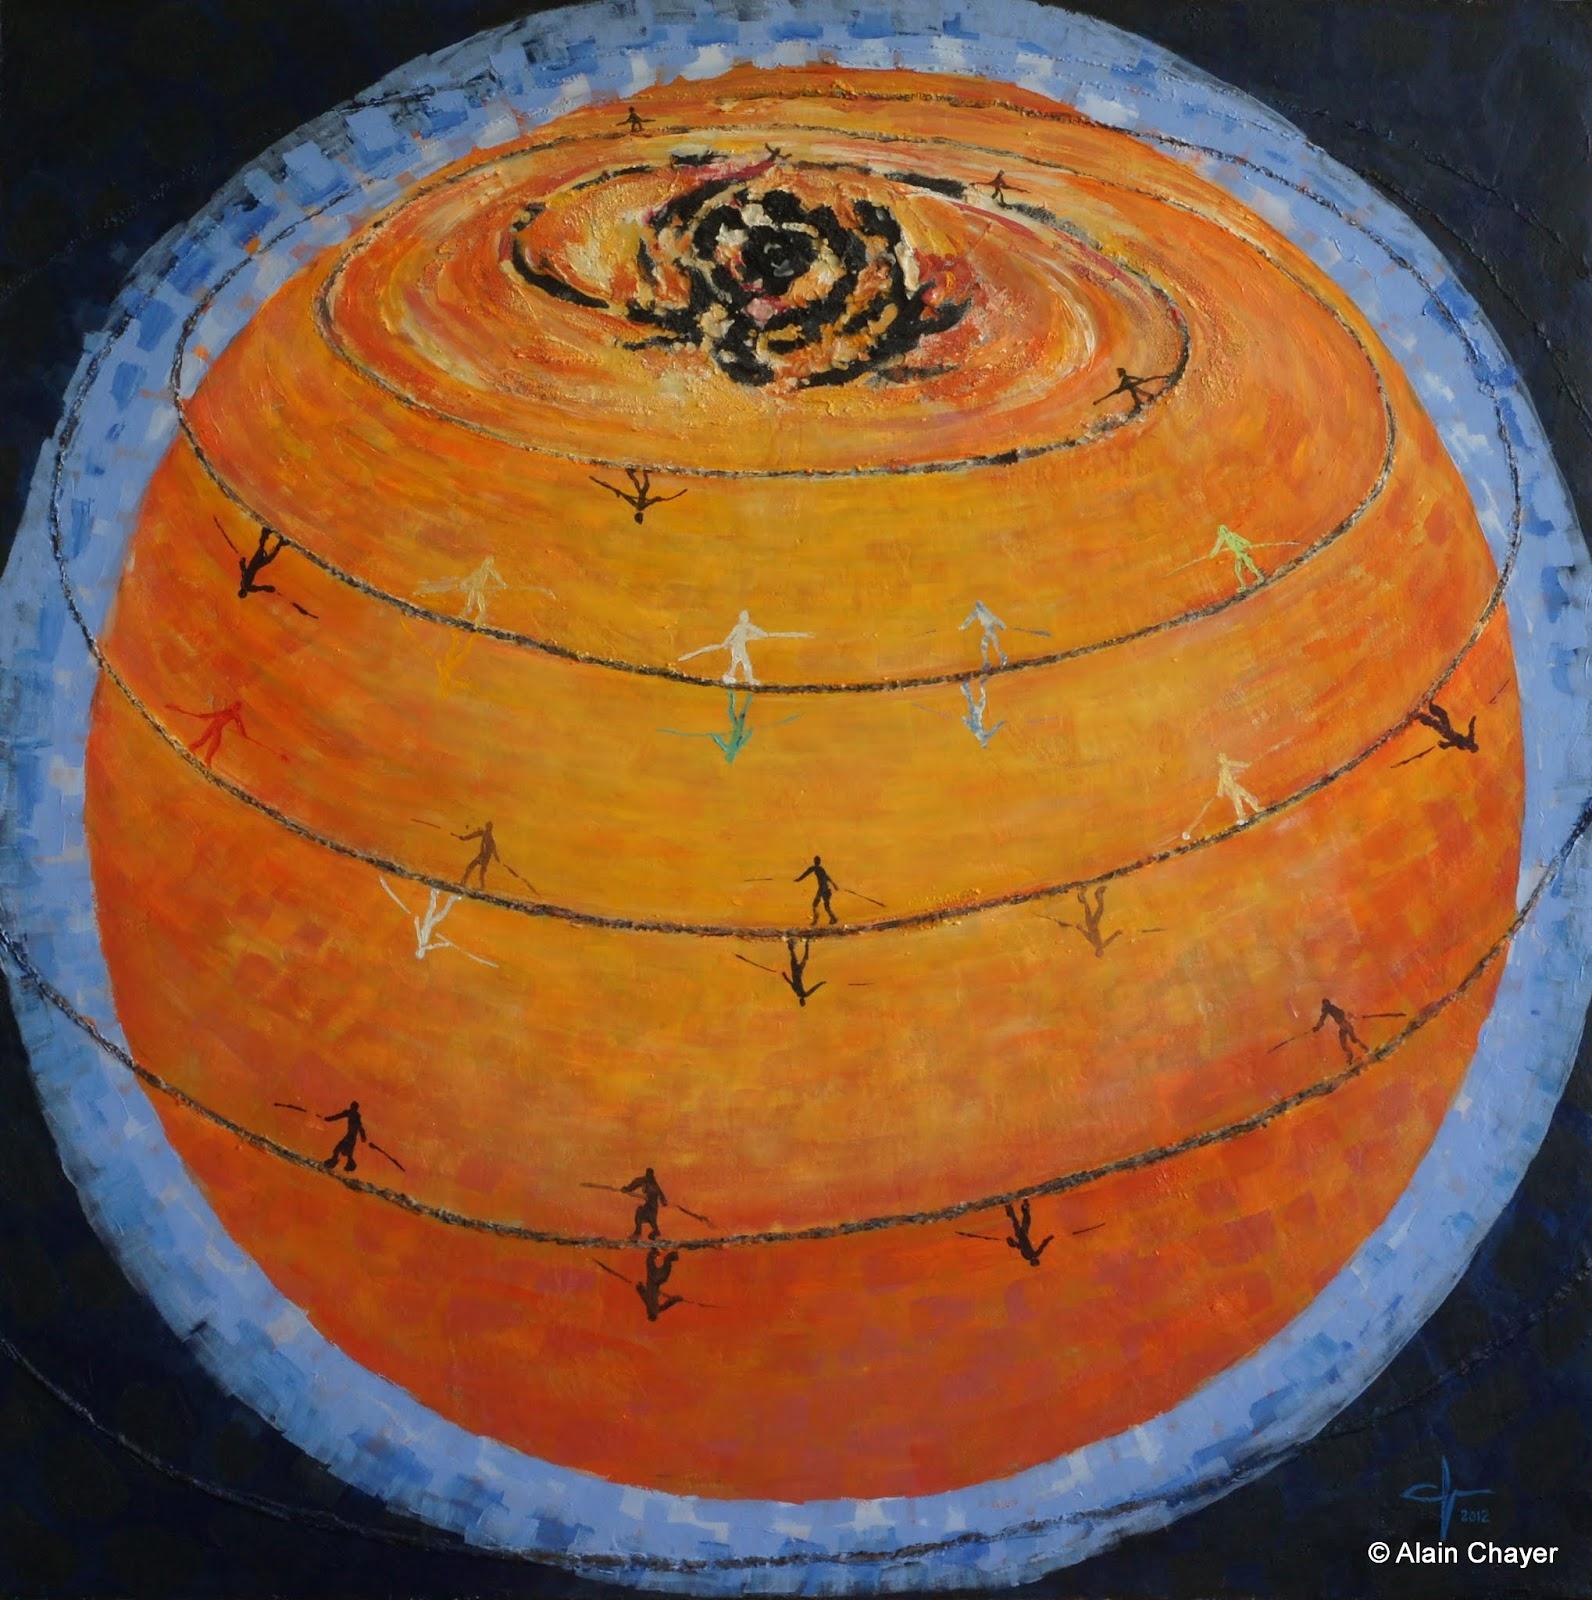 239 - Latitudes - 2011 - 100 x 100 - Acrylique sur toile marouflée sur bois